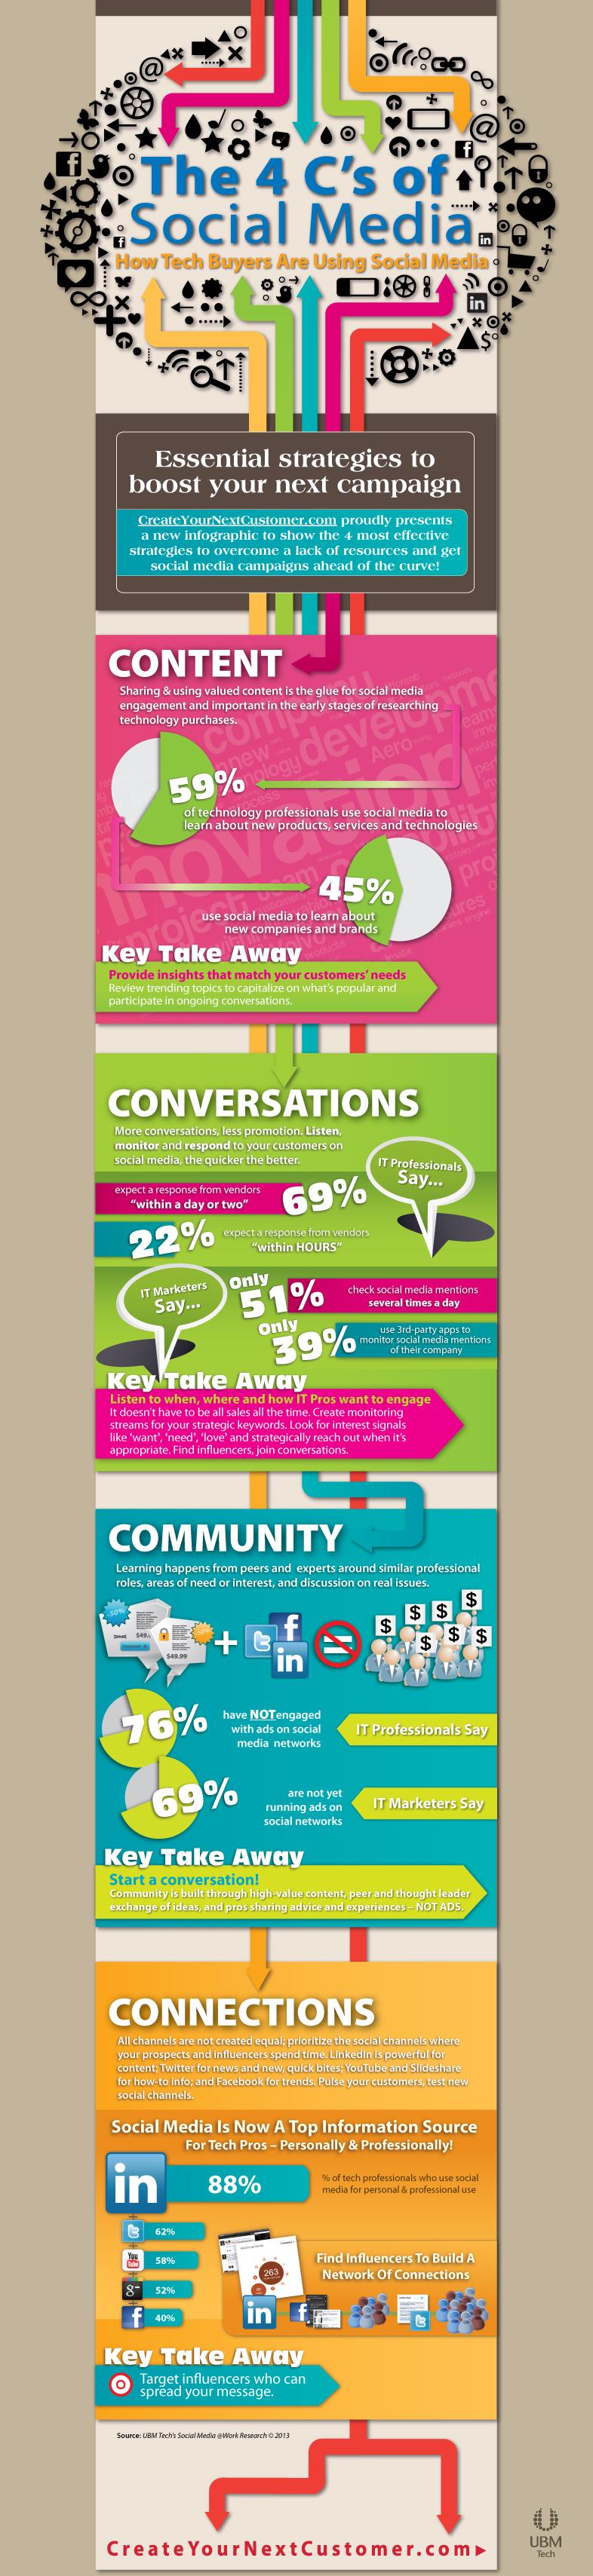 4 Cs of social-media